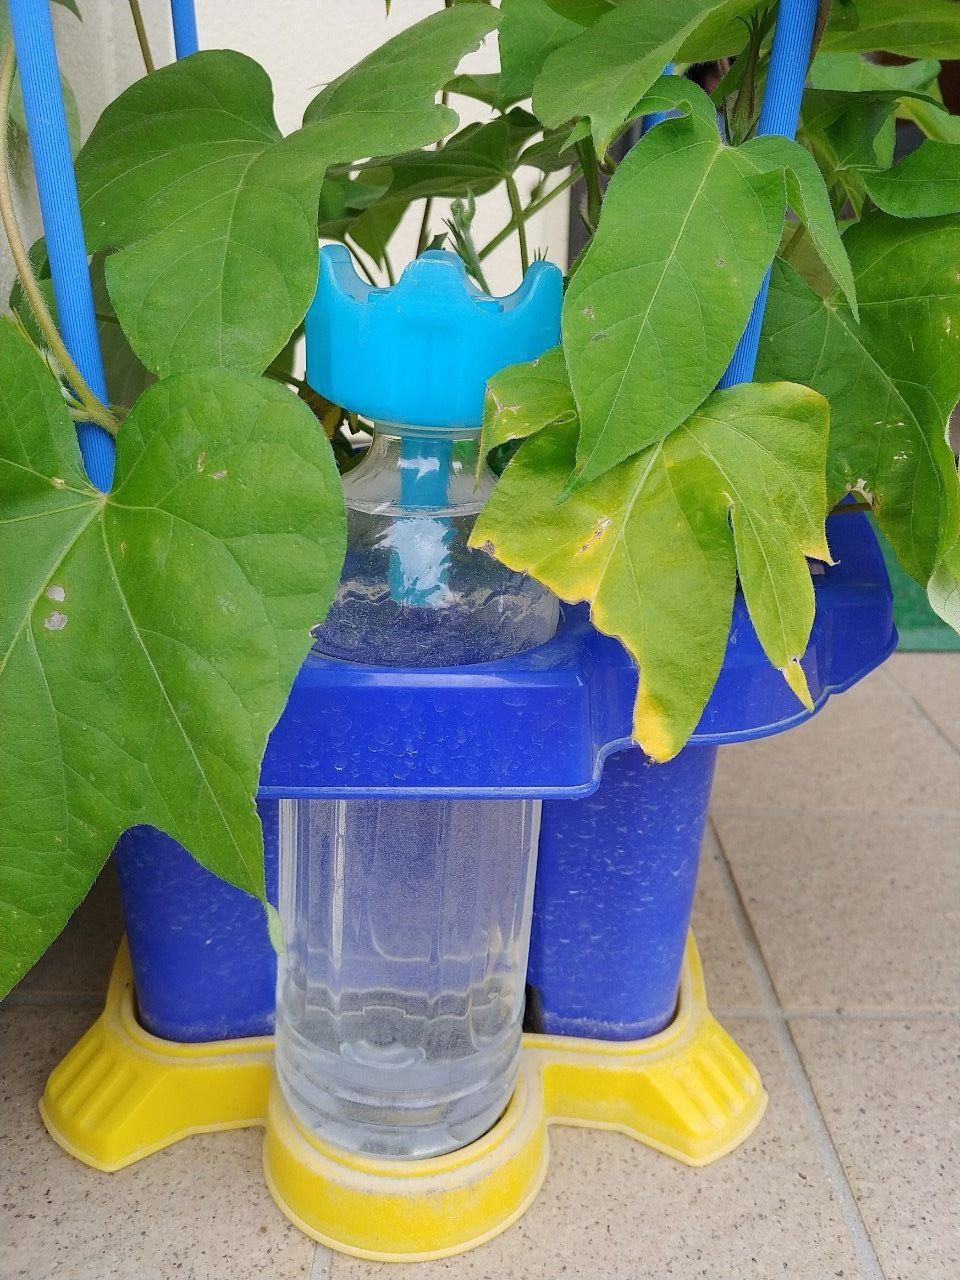 給水補助用のペットボトルです